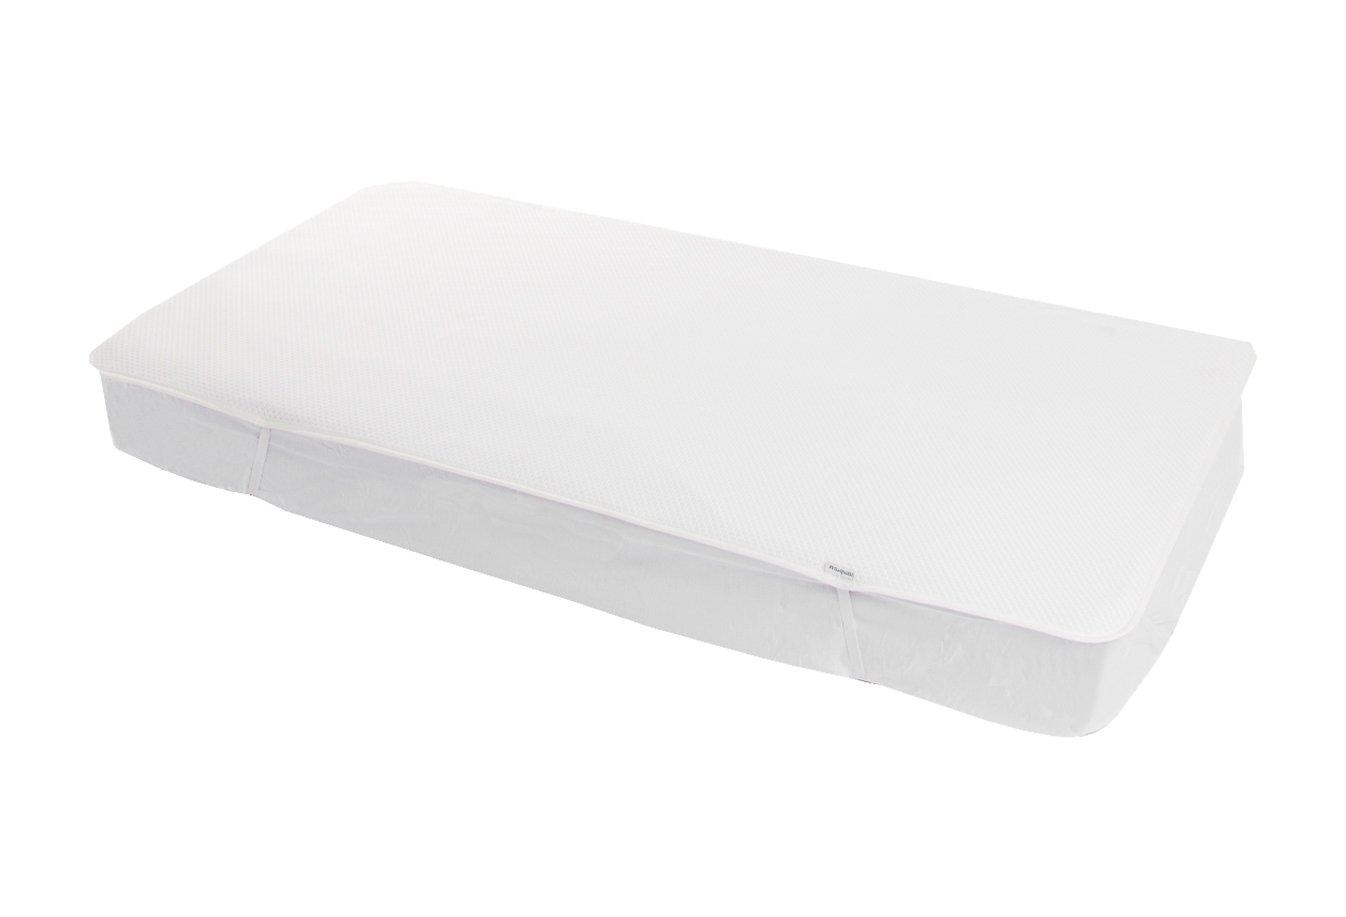 Cambrass Liso E - Protector colchón 3D, 60 x 120 cm 35774